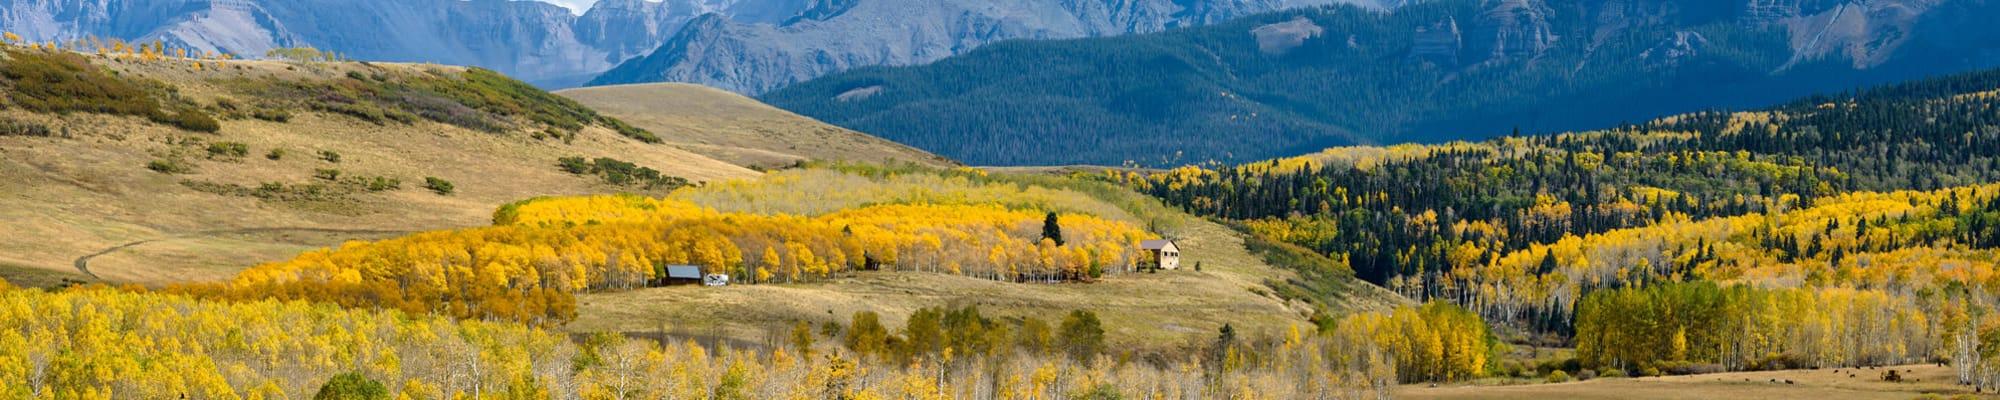 Colorado locations at MBK Senior Living in Irvine, California